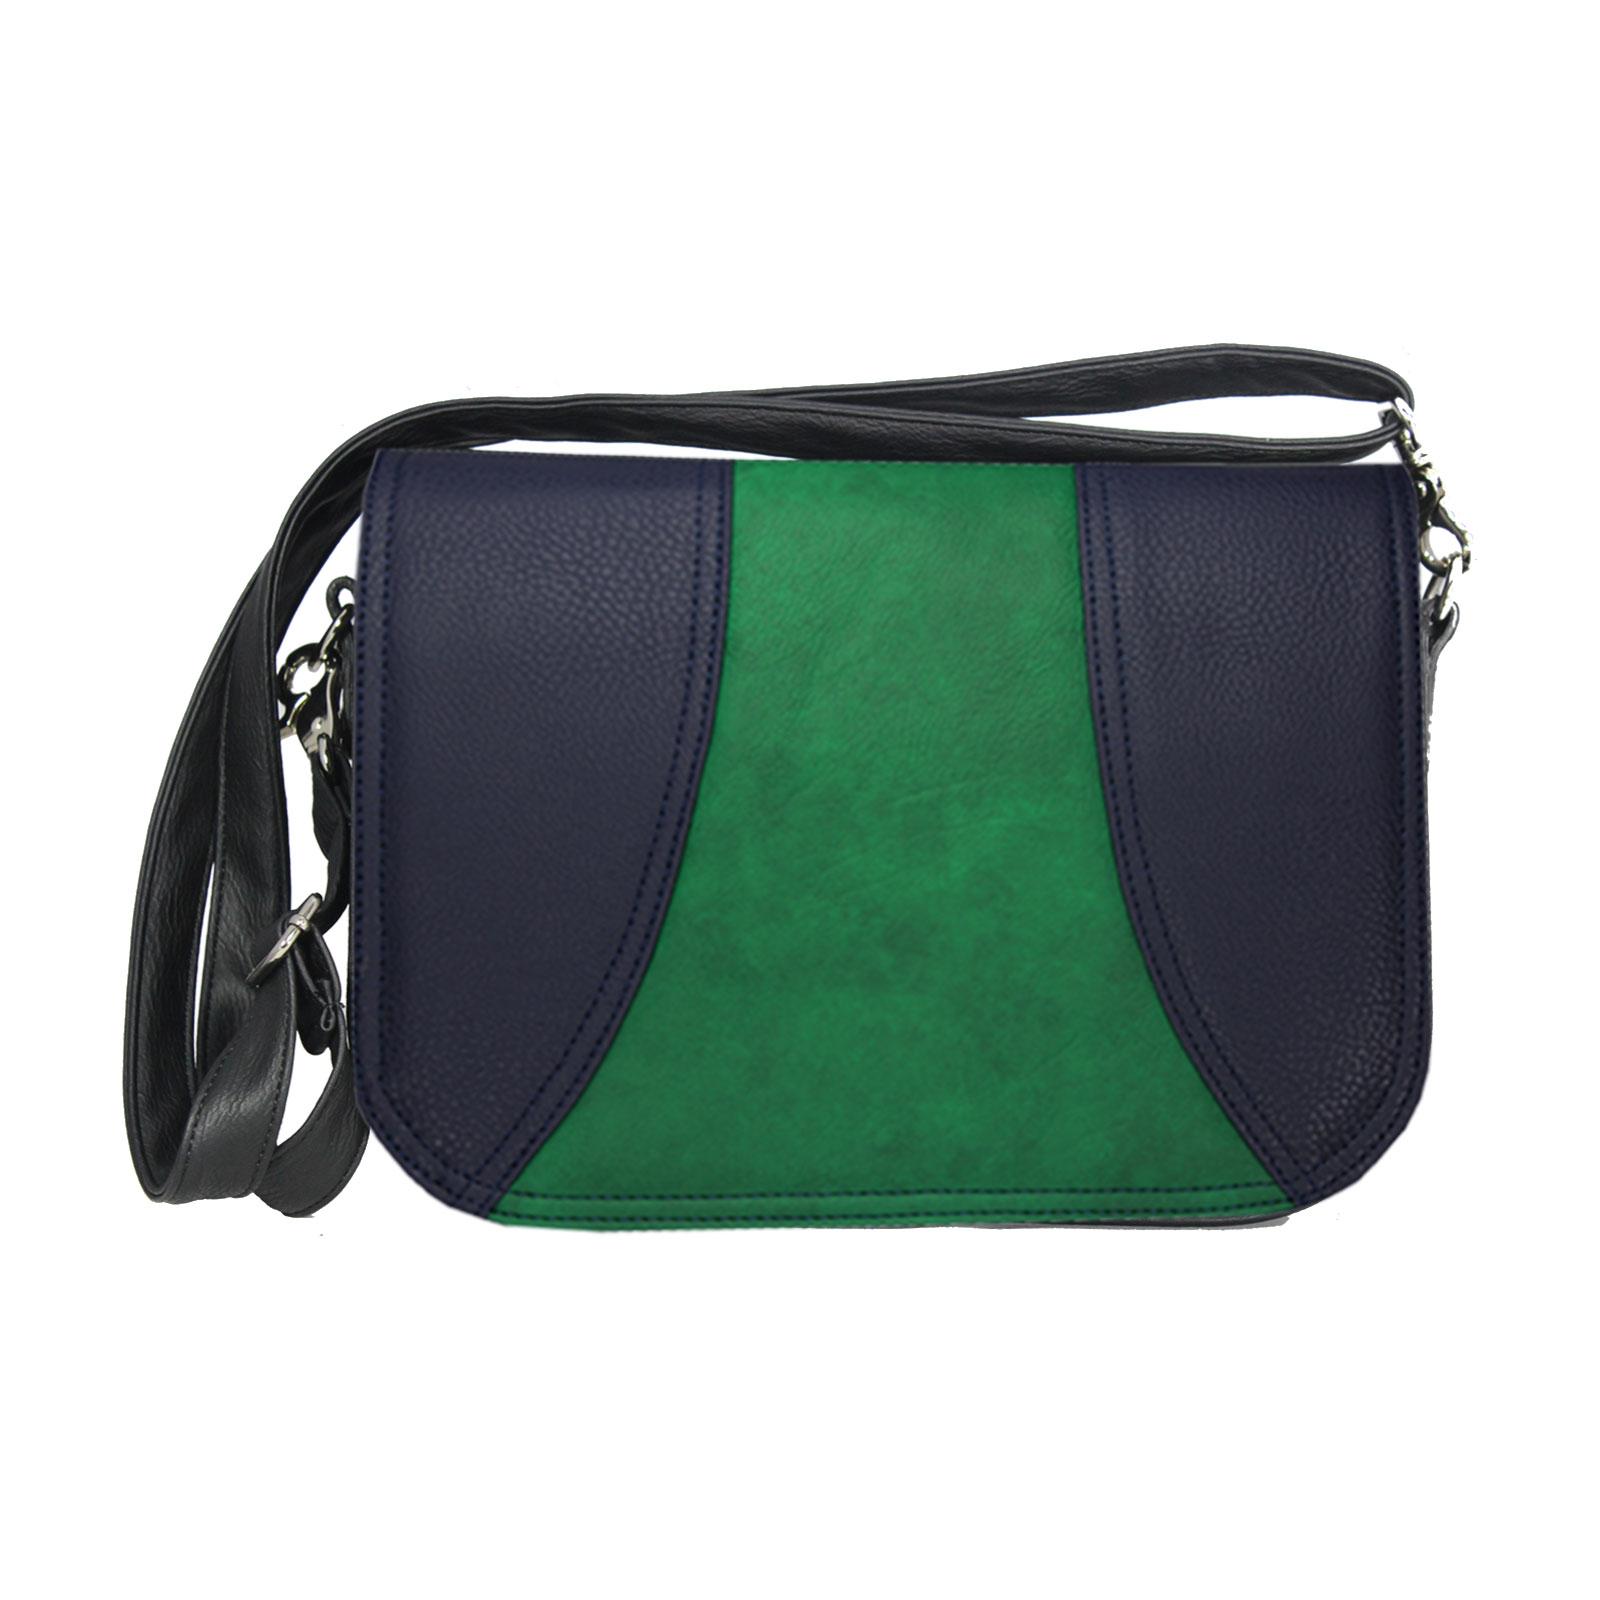 Handtasche in dunkelblau mit grünen Feld in der Mitte